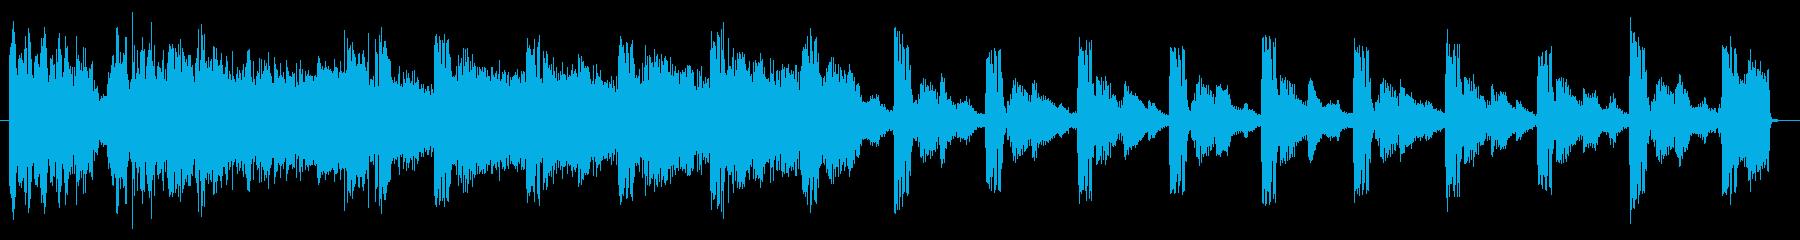 M16チューナービーツの再生済みの波形